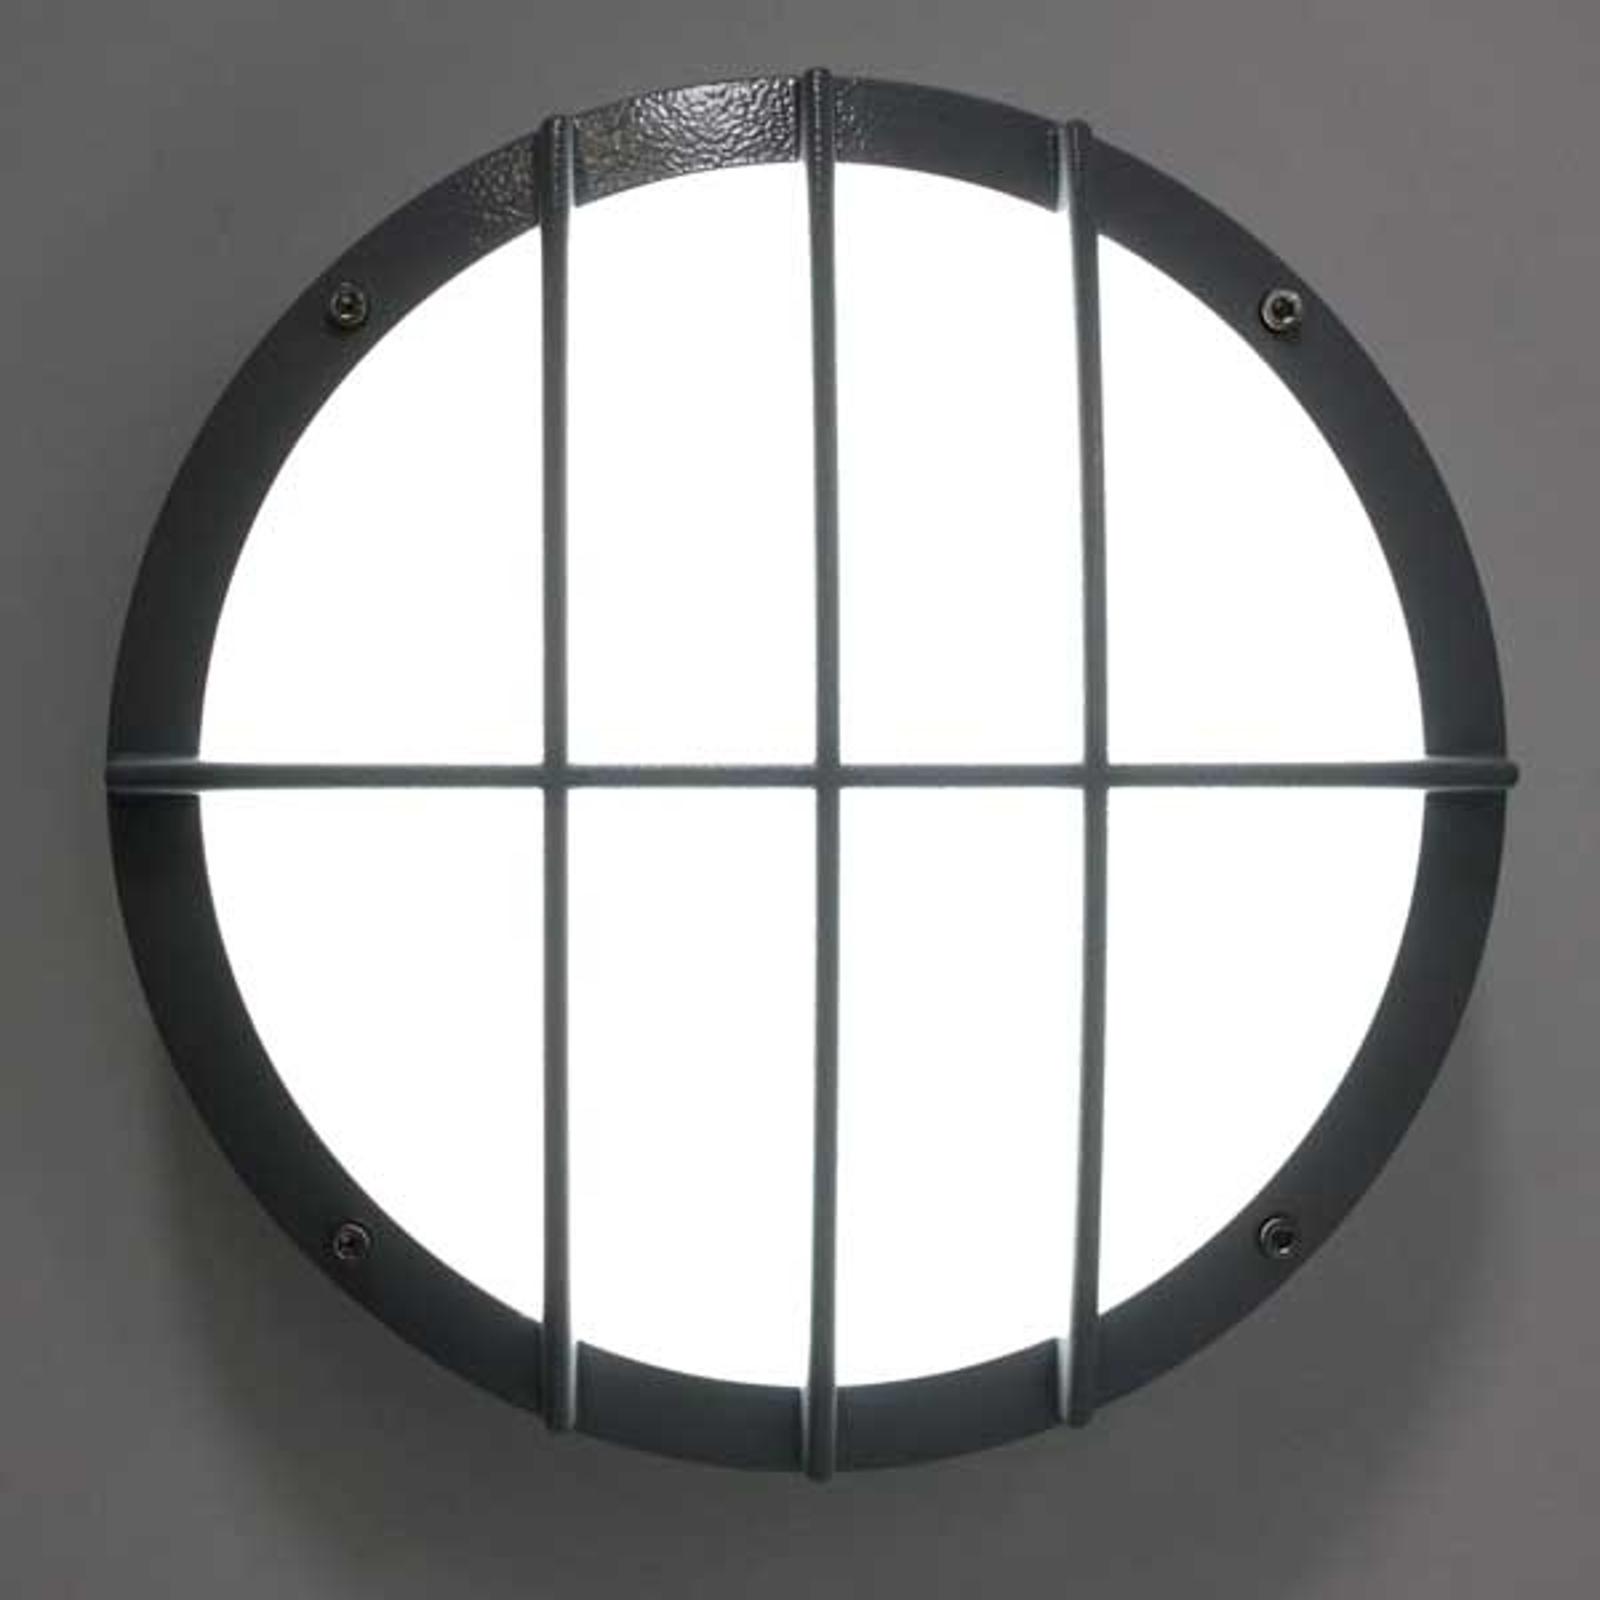 Nástěnné světlo Sun 8 LED hliník, 3000K 8W